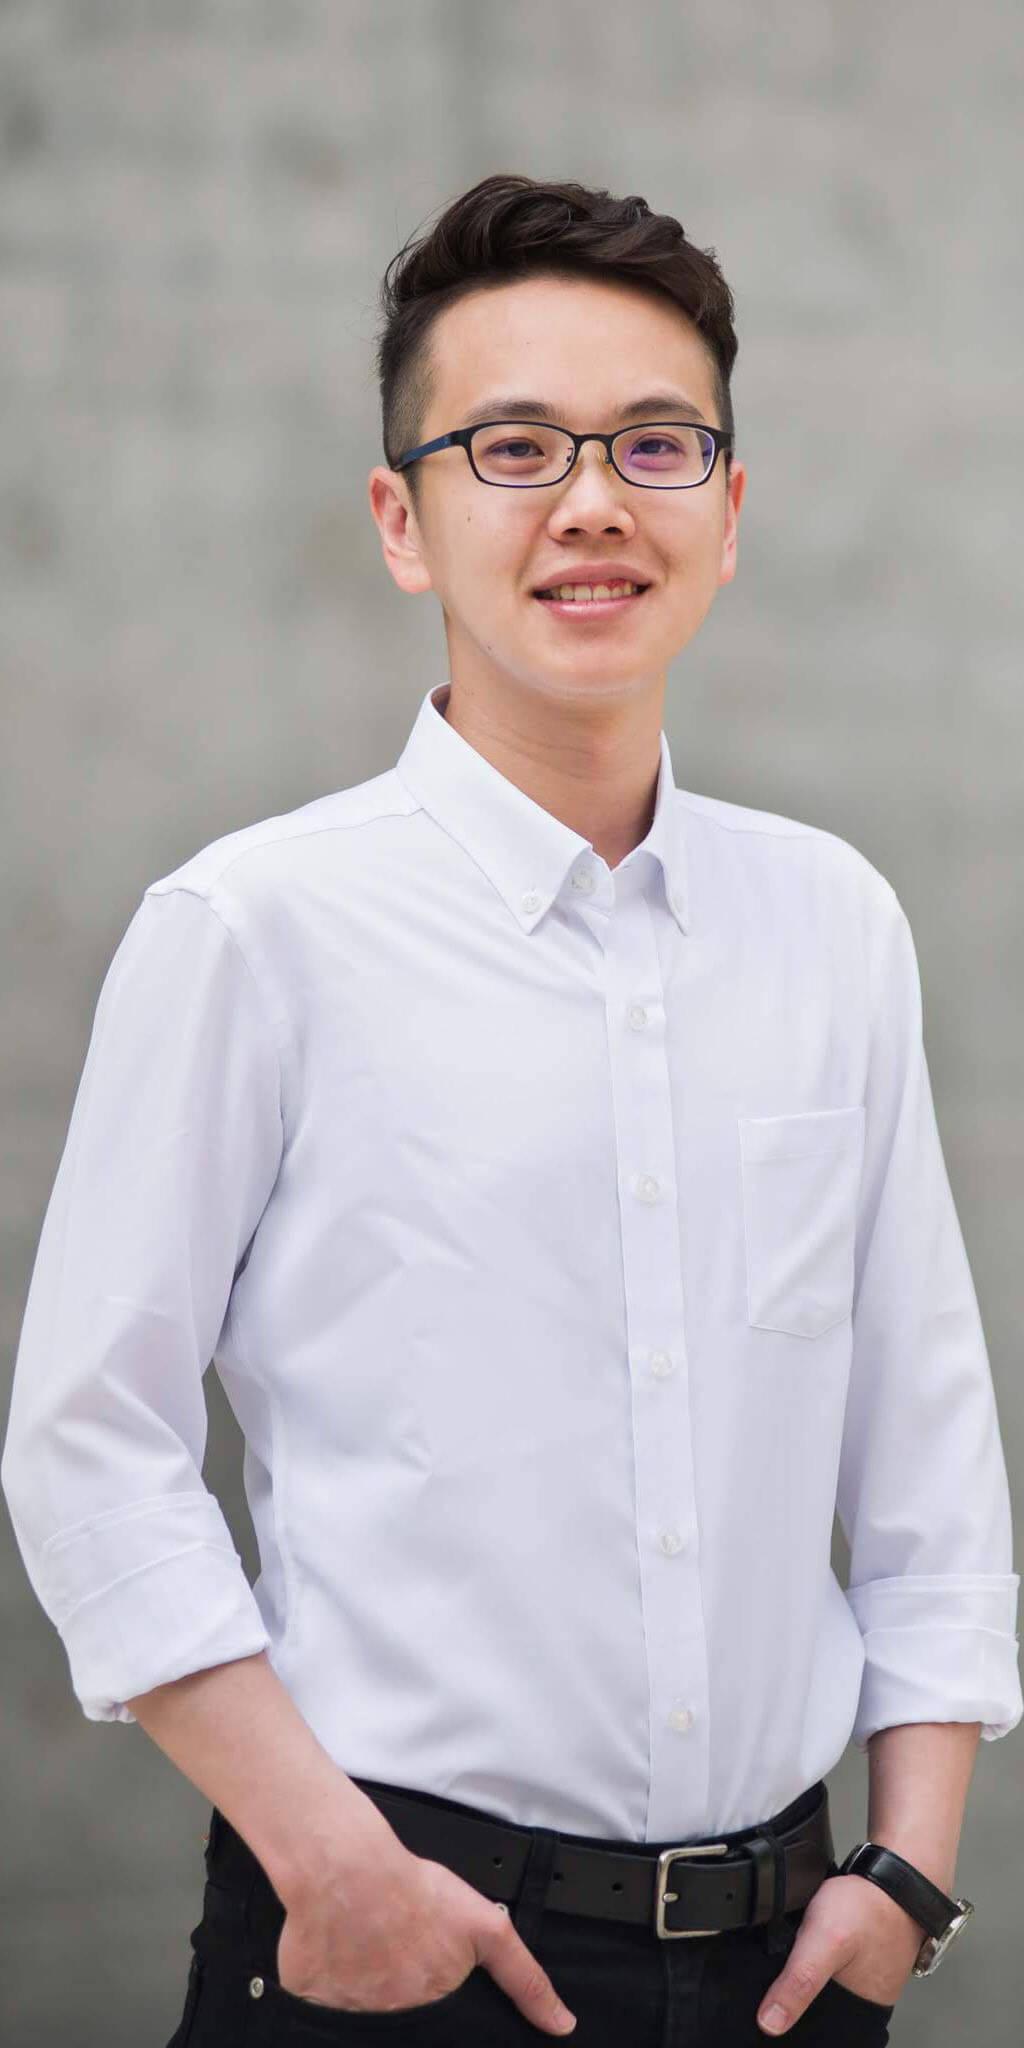 吳國綸醫師-牙齒美白貼片專家-陶瓷貼片-台中-推薦